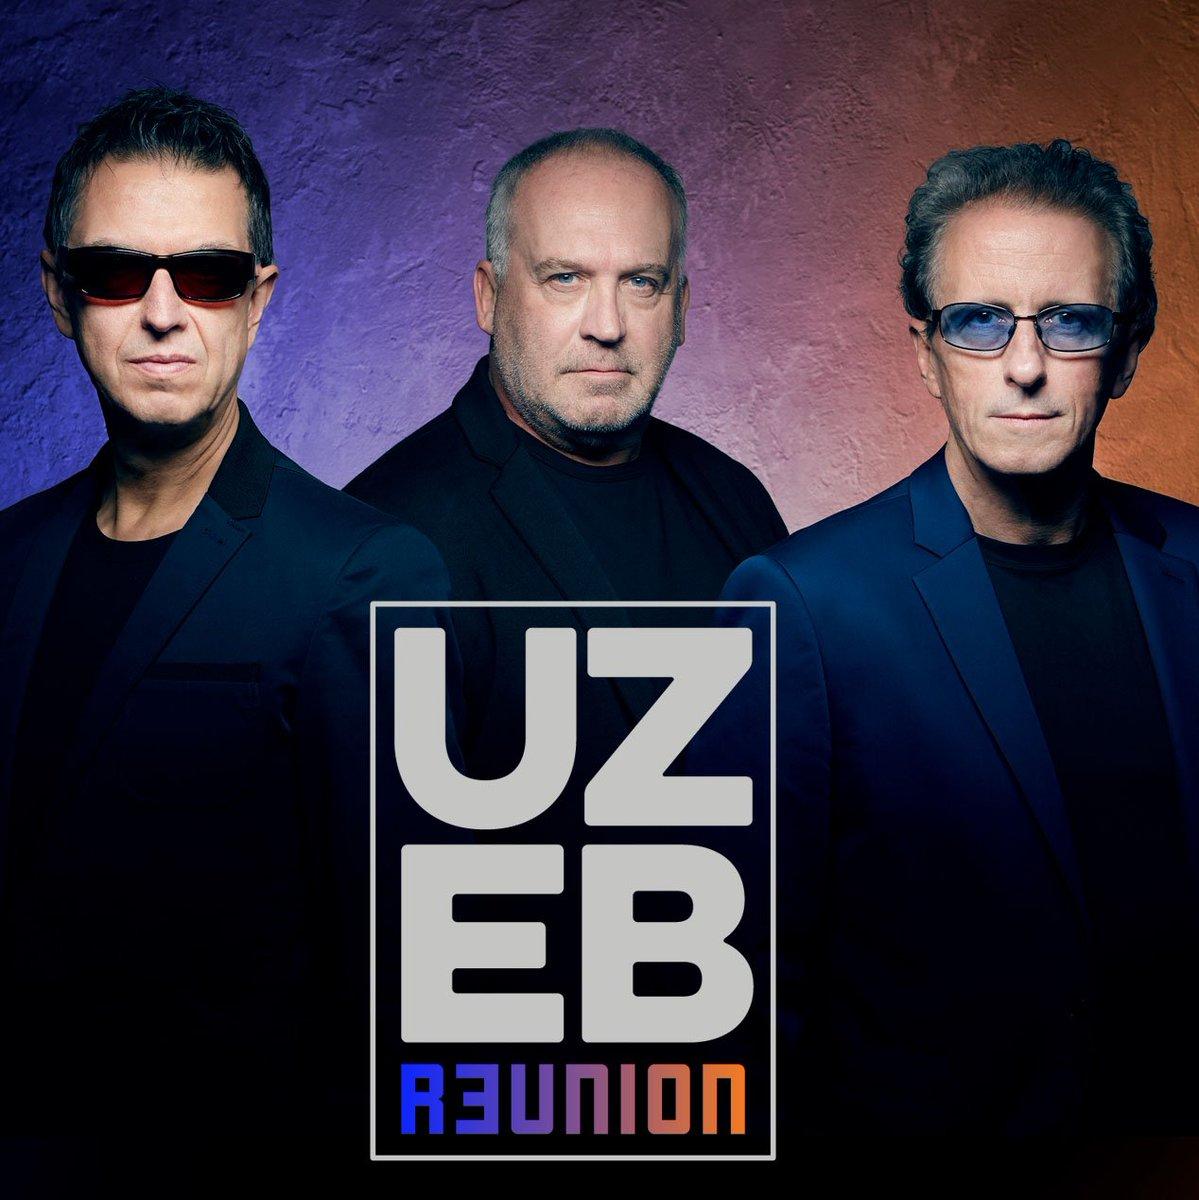 #UZEB TOURNEE R3UNION #sallepleyel 02.07.17 Figure mythique du jazz-fusion fait son retour après 25 ans d'absence https://t.co/WTGKmwz0kc https://t.co/v2ymhn9nZ8